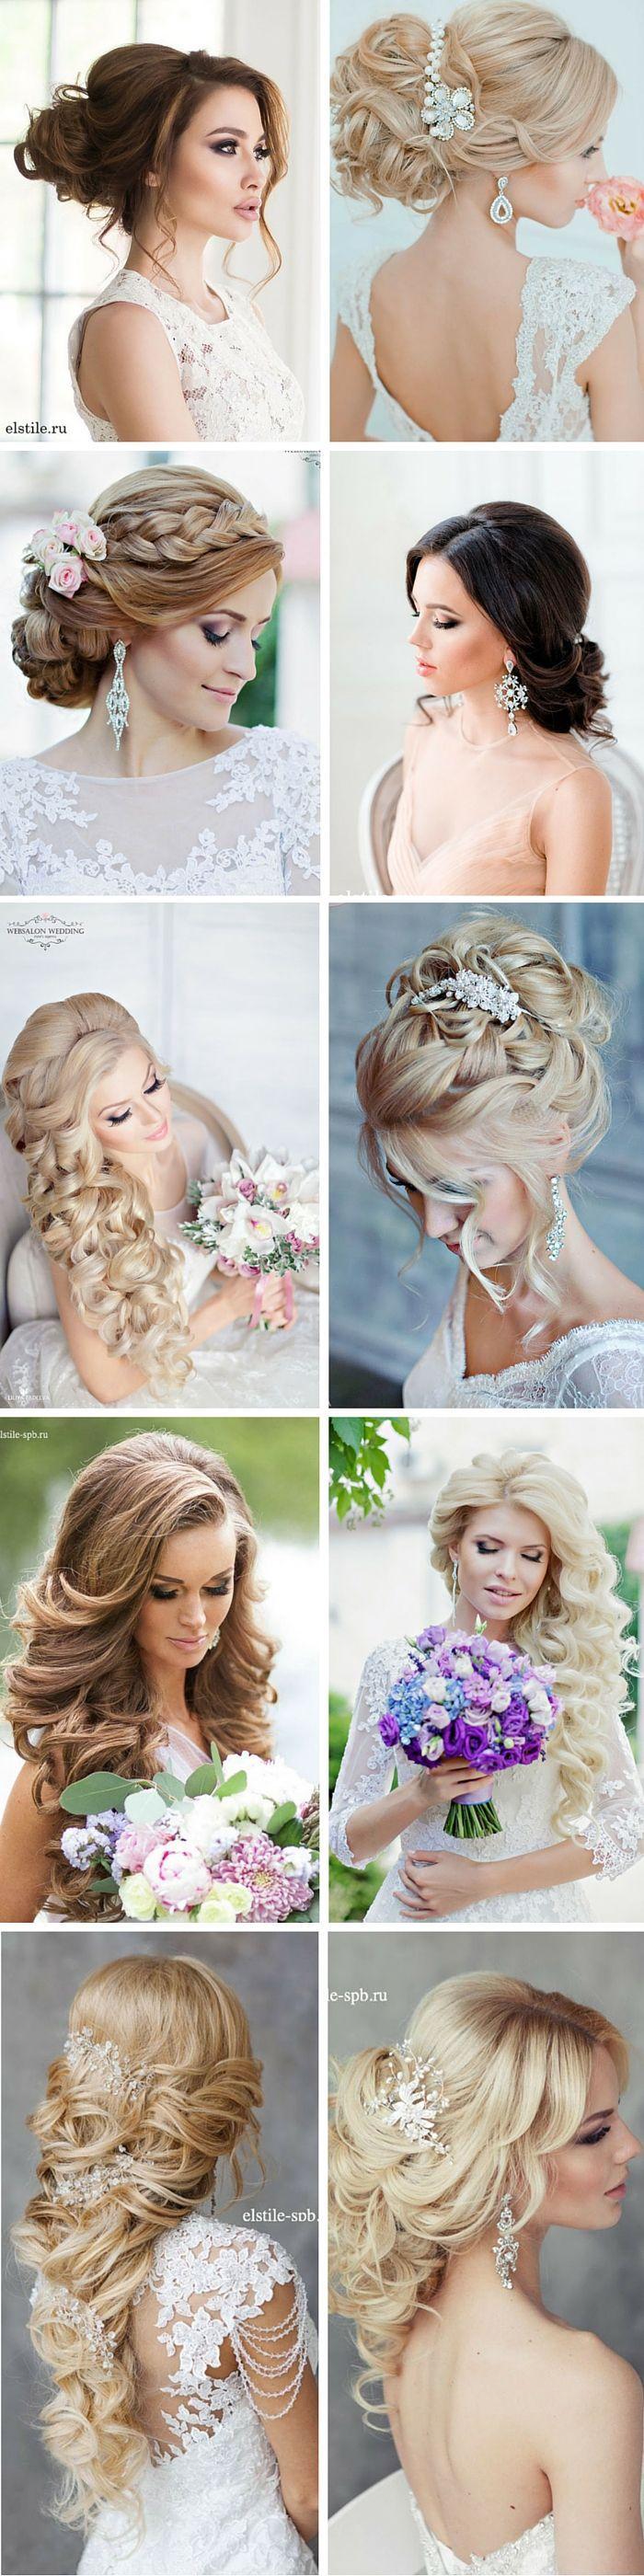 Hochzeit - 33 Stunning Summer Wedding Hairstyles